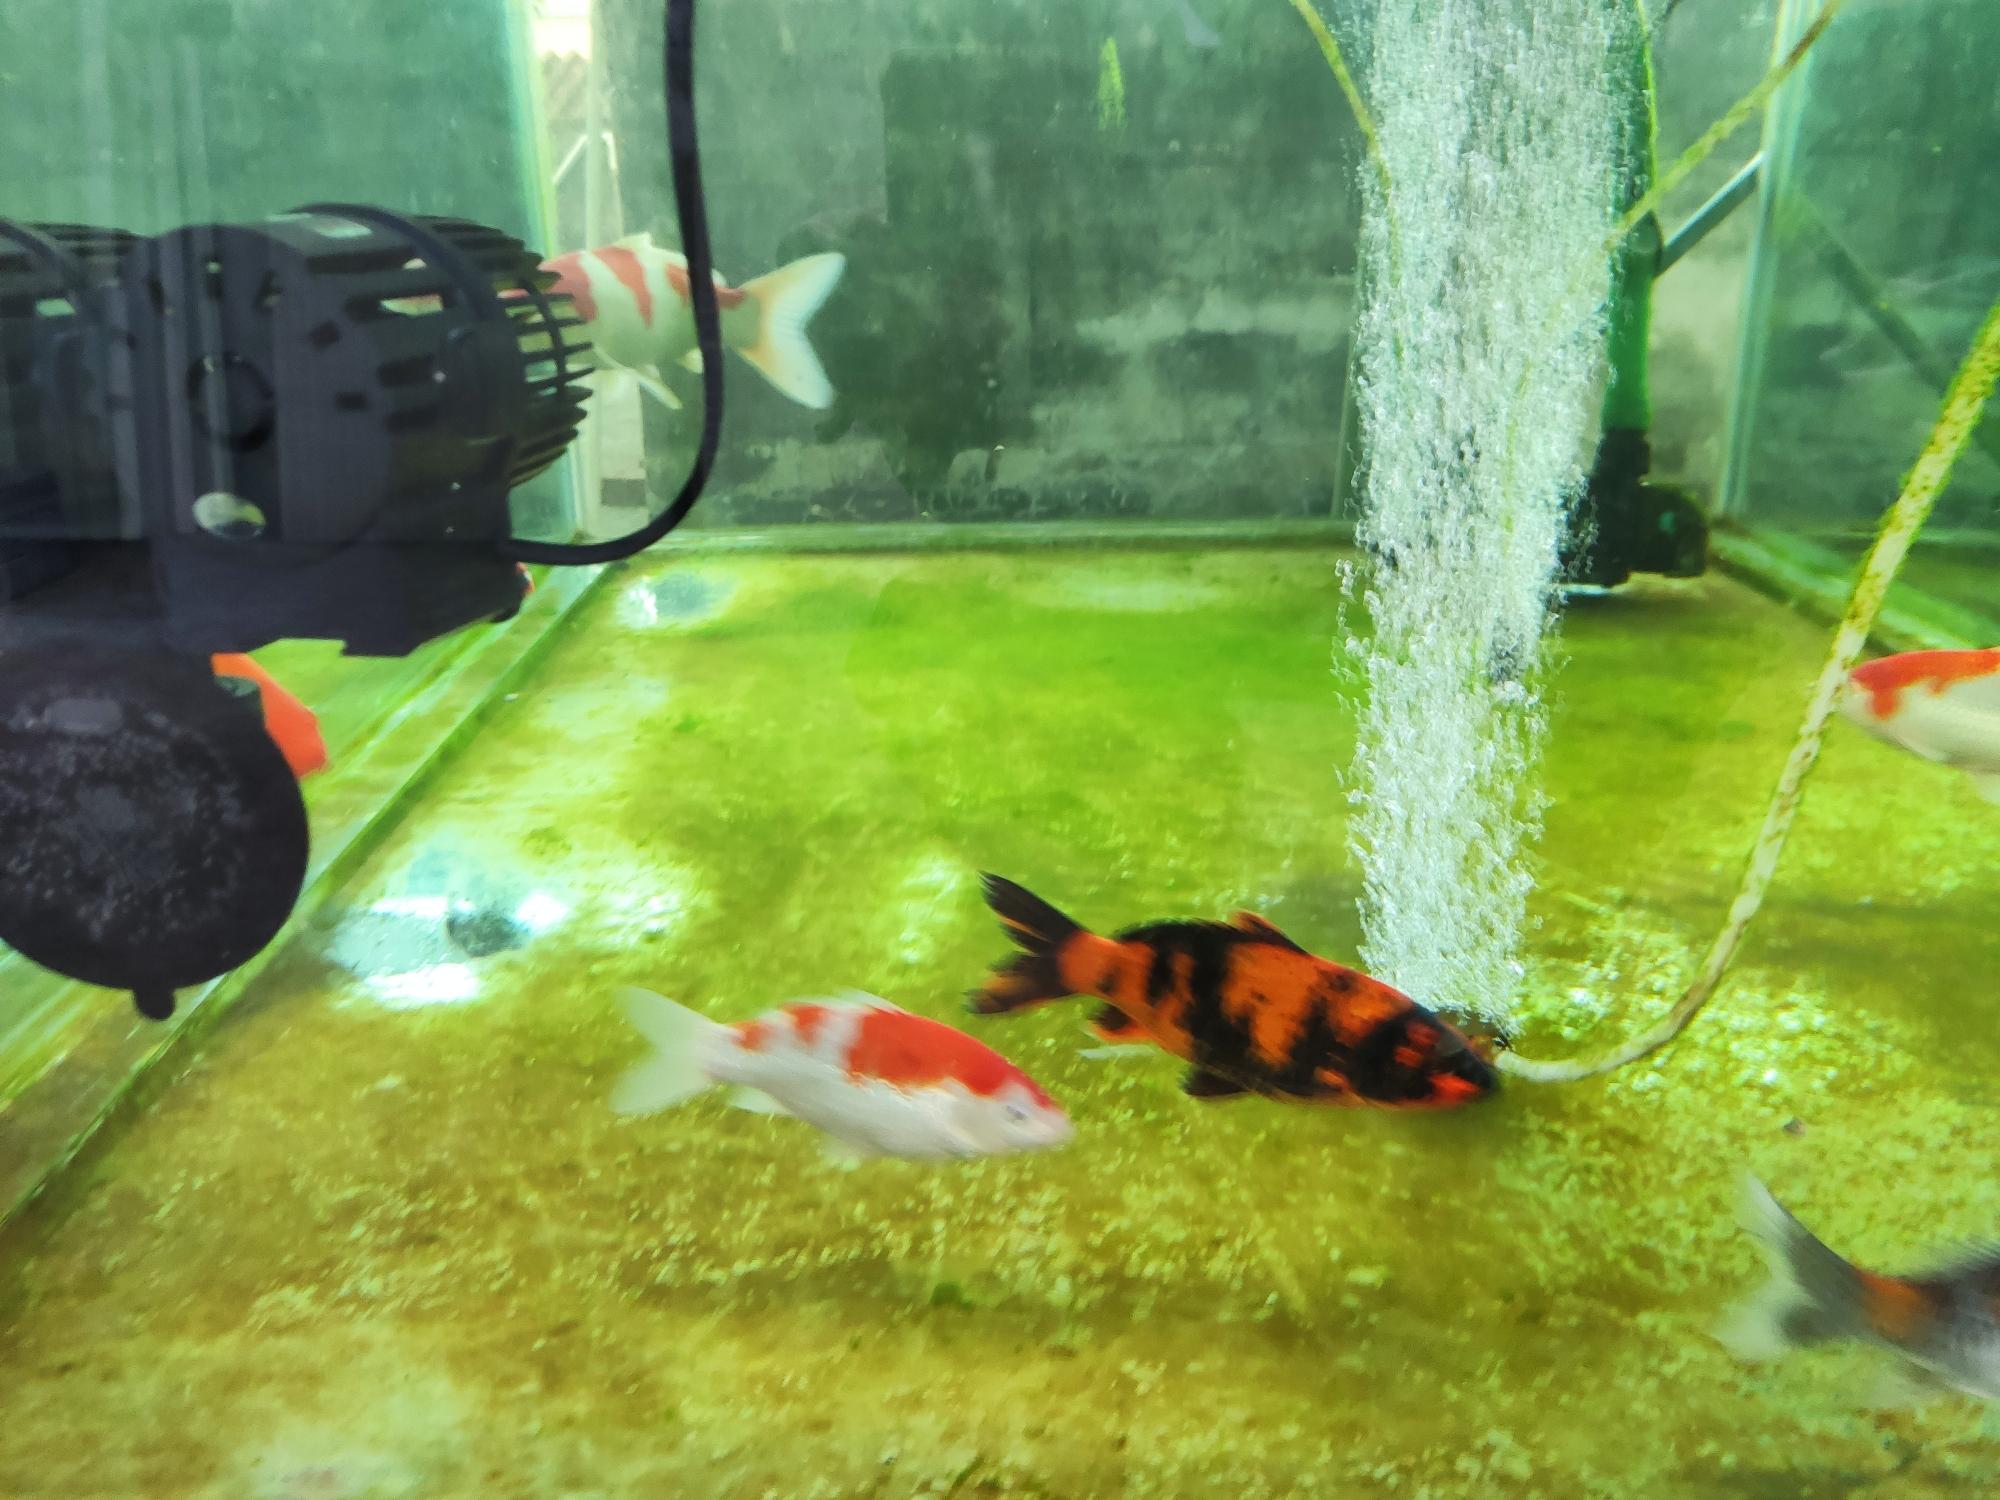 褐藻为何消失了? 台州水族批发市场 台州水族批发市场第9张